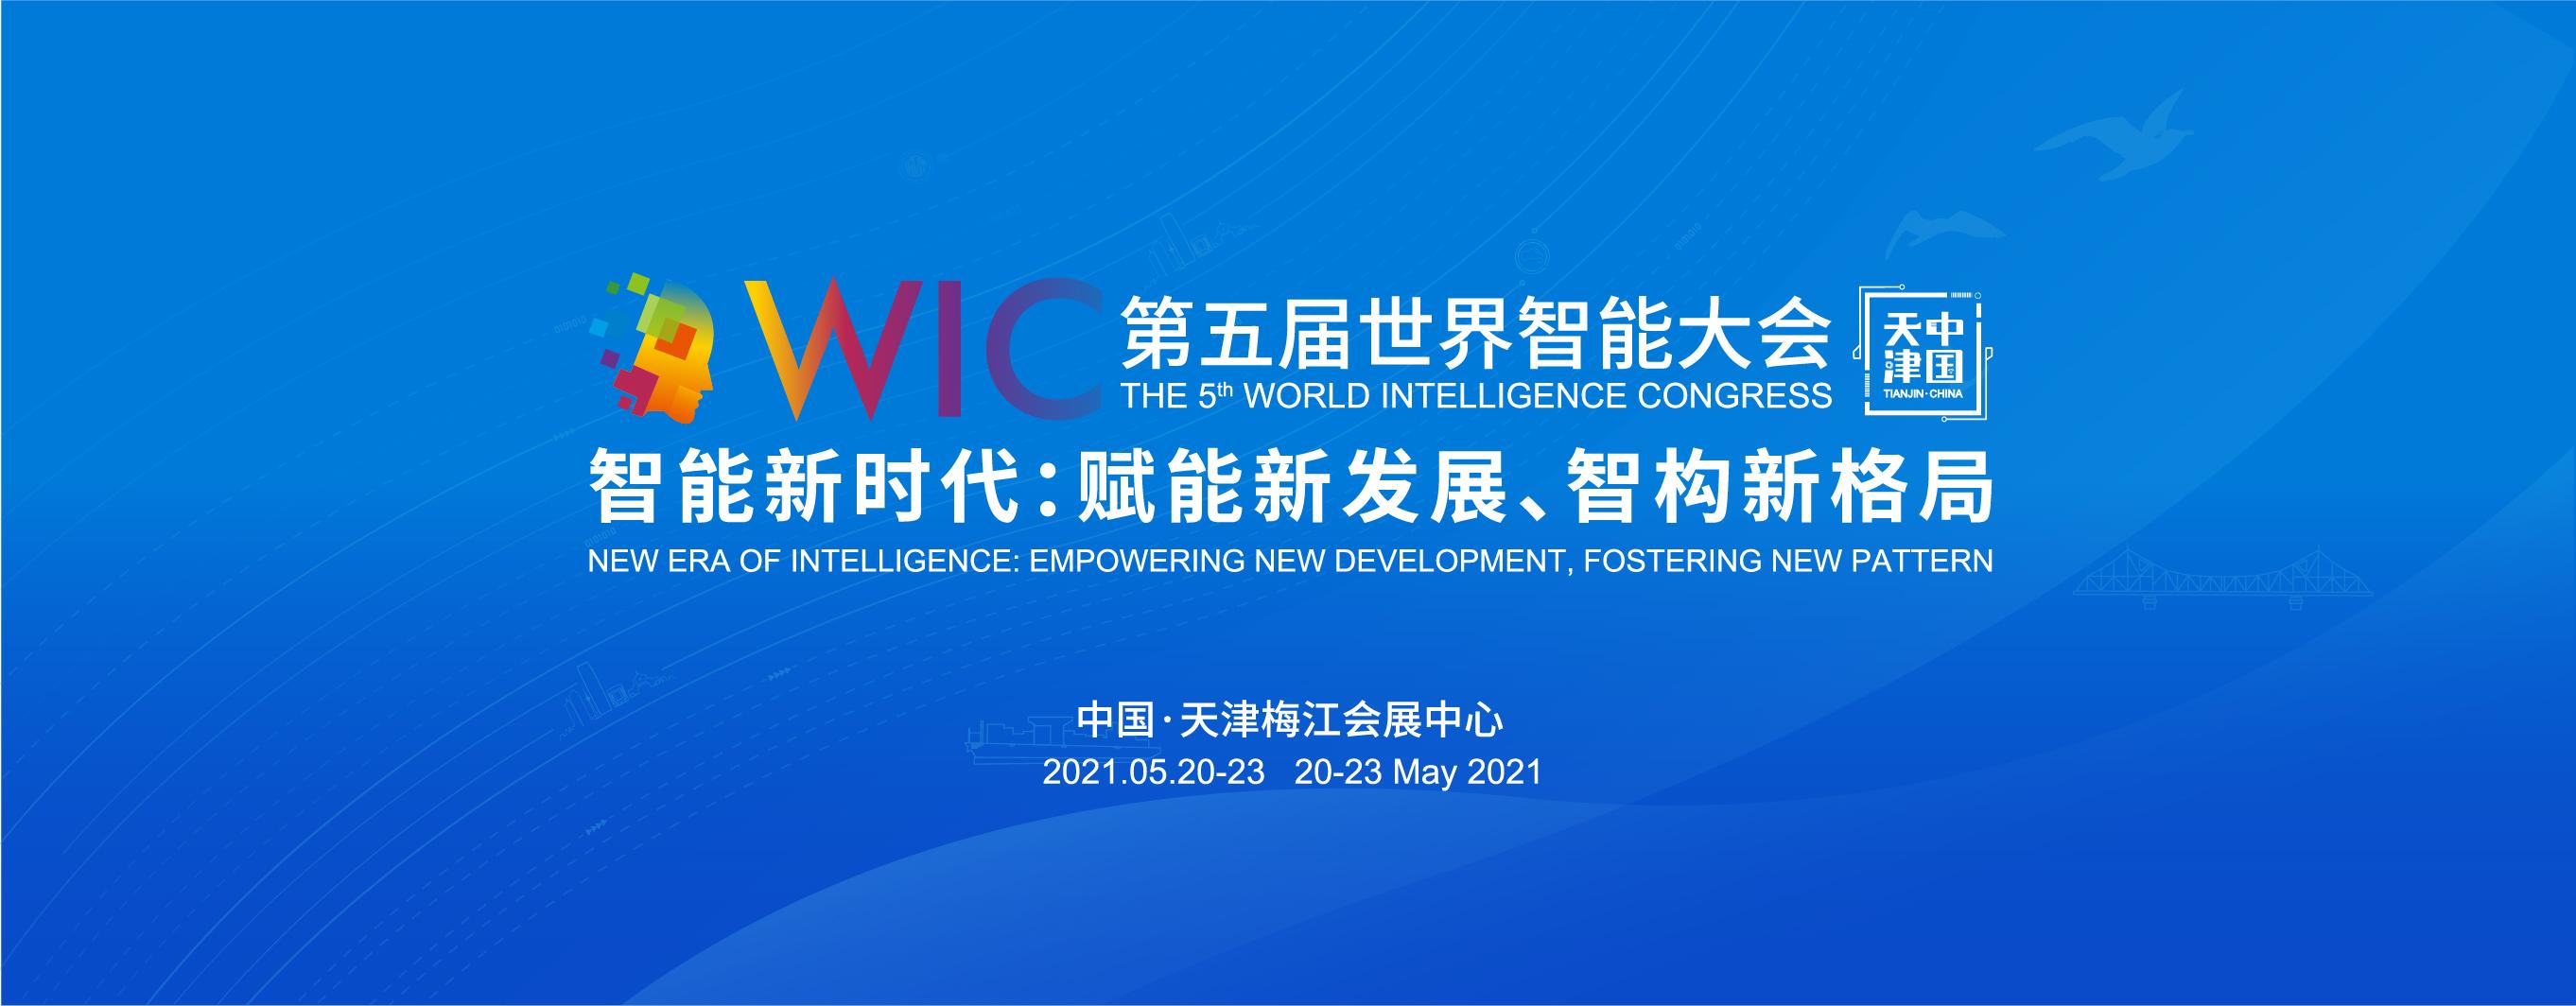 精彩回顾 | 第五届世界智能大会 媒体高端访谈